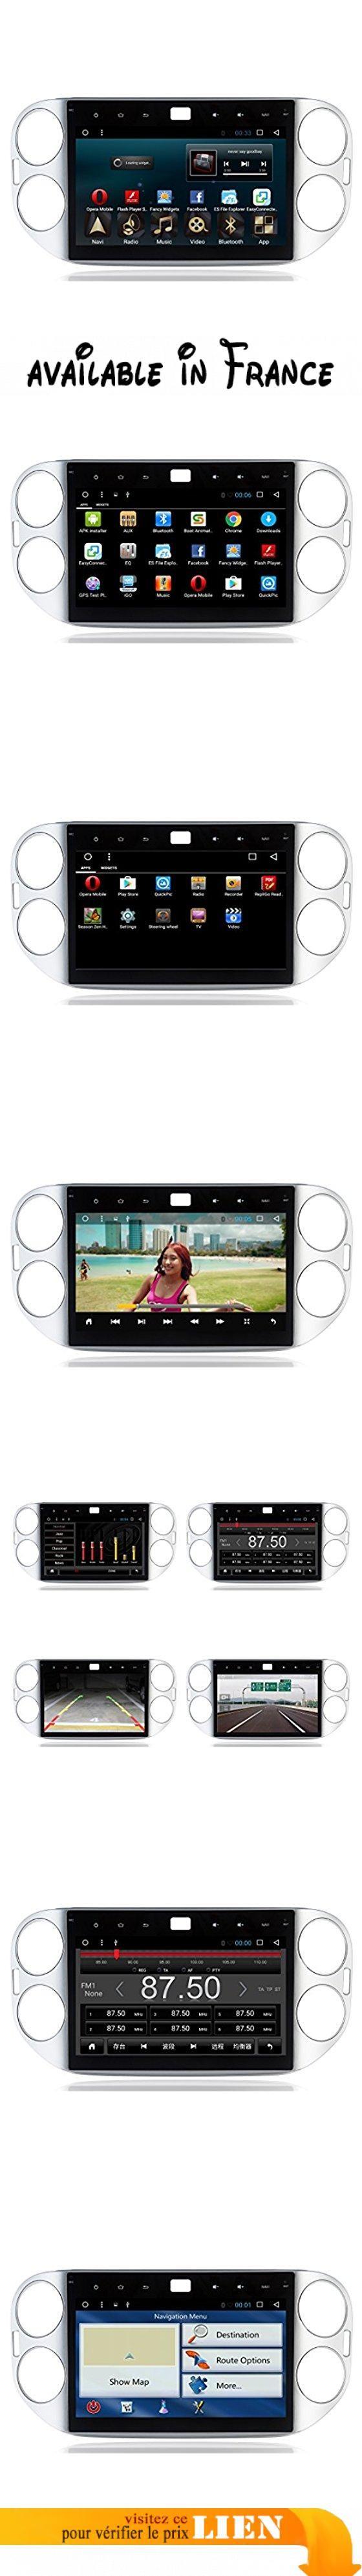 10,1 pouces 1024 * 600 Android 6.0 Unité stéréo voiture avec carte GPS Navigation Sat Nav HD écran tactile Lecteur vidéo / récepteur audio pour VW Tiguan 2013 ( Couleur : UI-1 ). CPU: R16 A7 QuadCore Fréquence principale 1.6Ghz, RAM: DDR3 1GB, Mémoire: Built-in Disque dur: 16GB. 4G Internet Surfing: prise en charge de la carte réseau 4G ou du point de téléphone sans fil du téléphone cellulaire. WIFI Internet Surfing: WIFI intégré, supportant la navigation sur